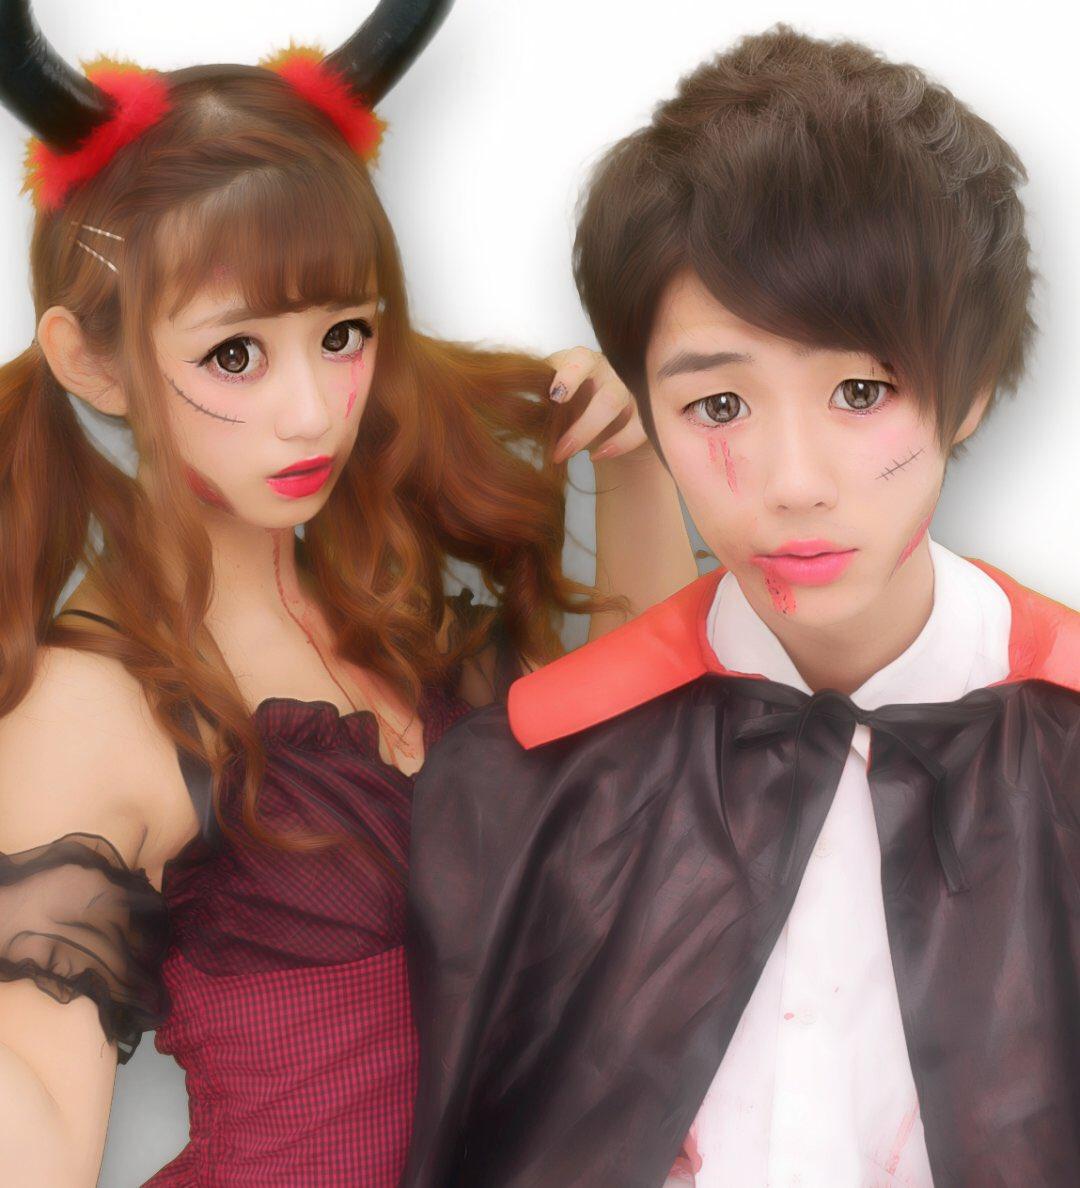 ハロウィン渋谷でオフパコするエロコスプレ少女エロ画像4枚目